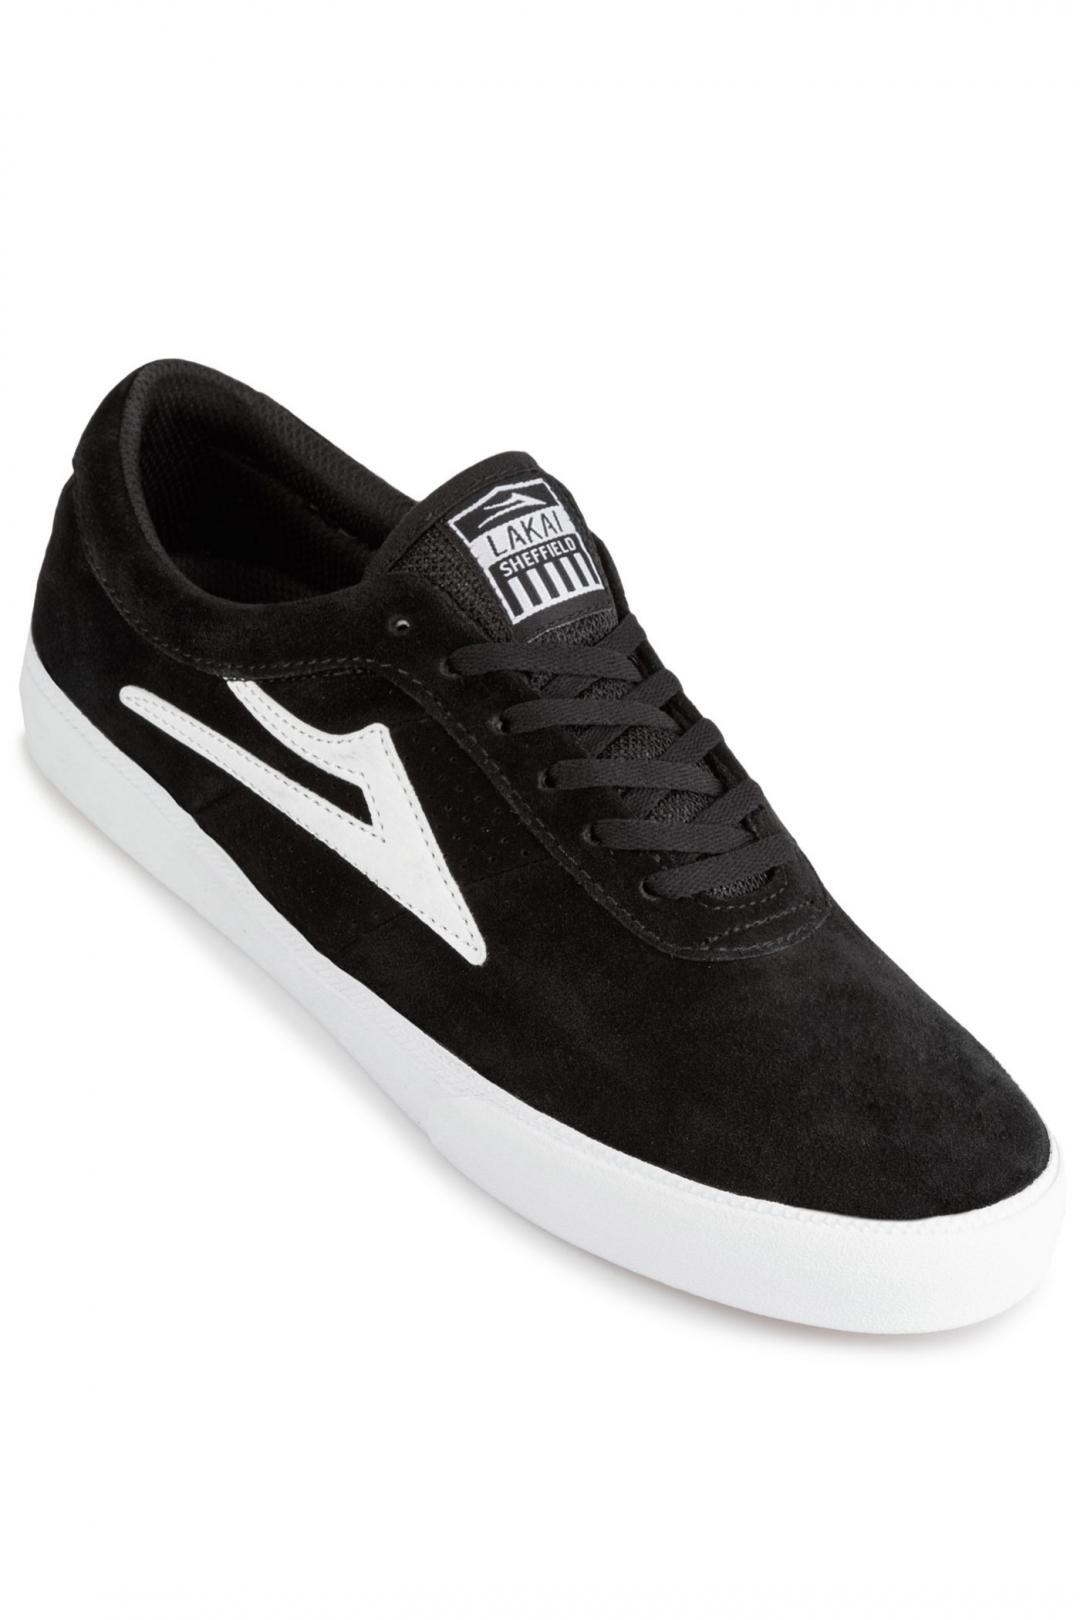 Uomo Lakai Griffin Suede black white 2 | Sneaker